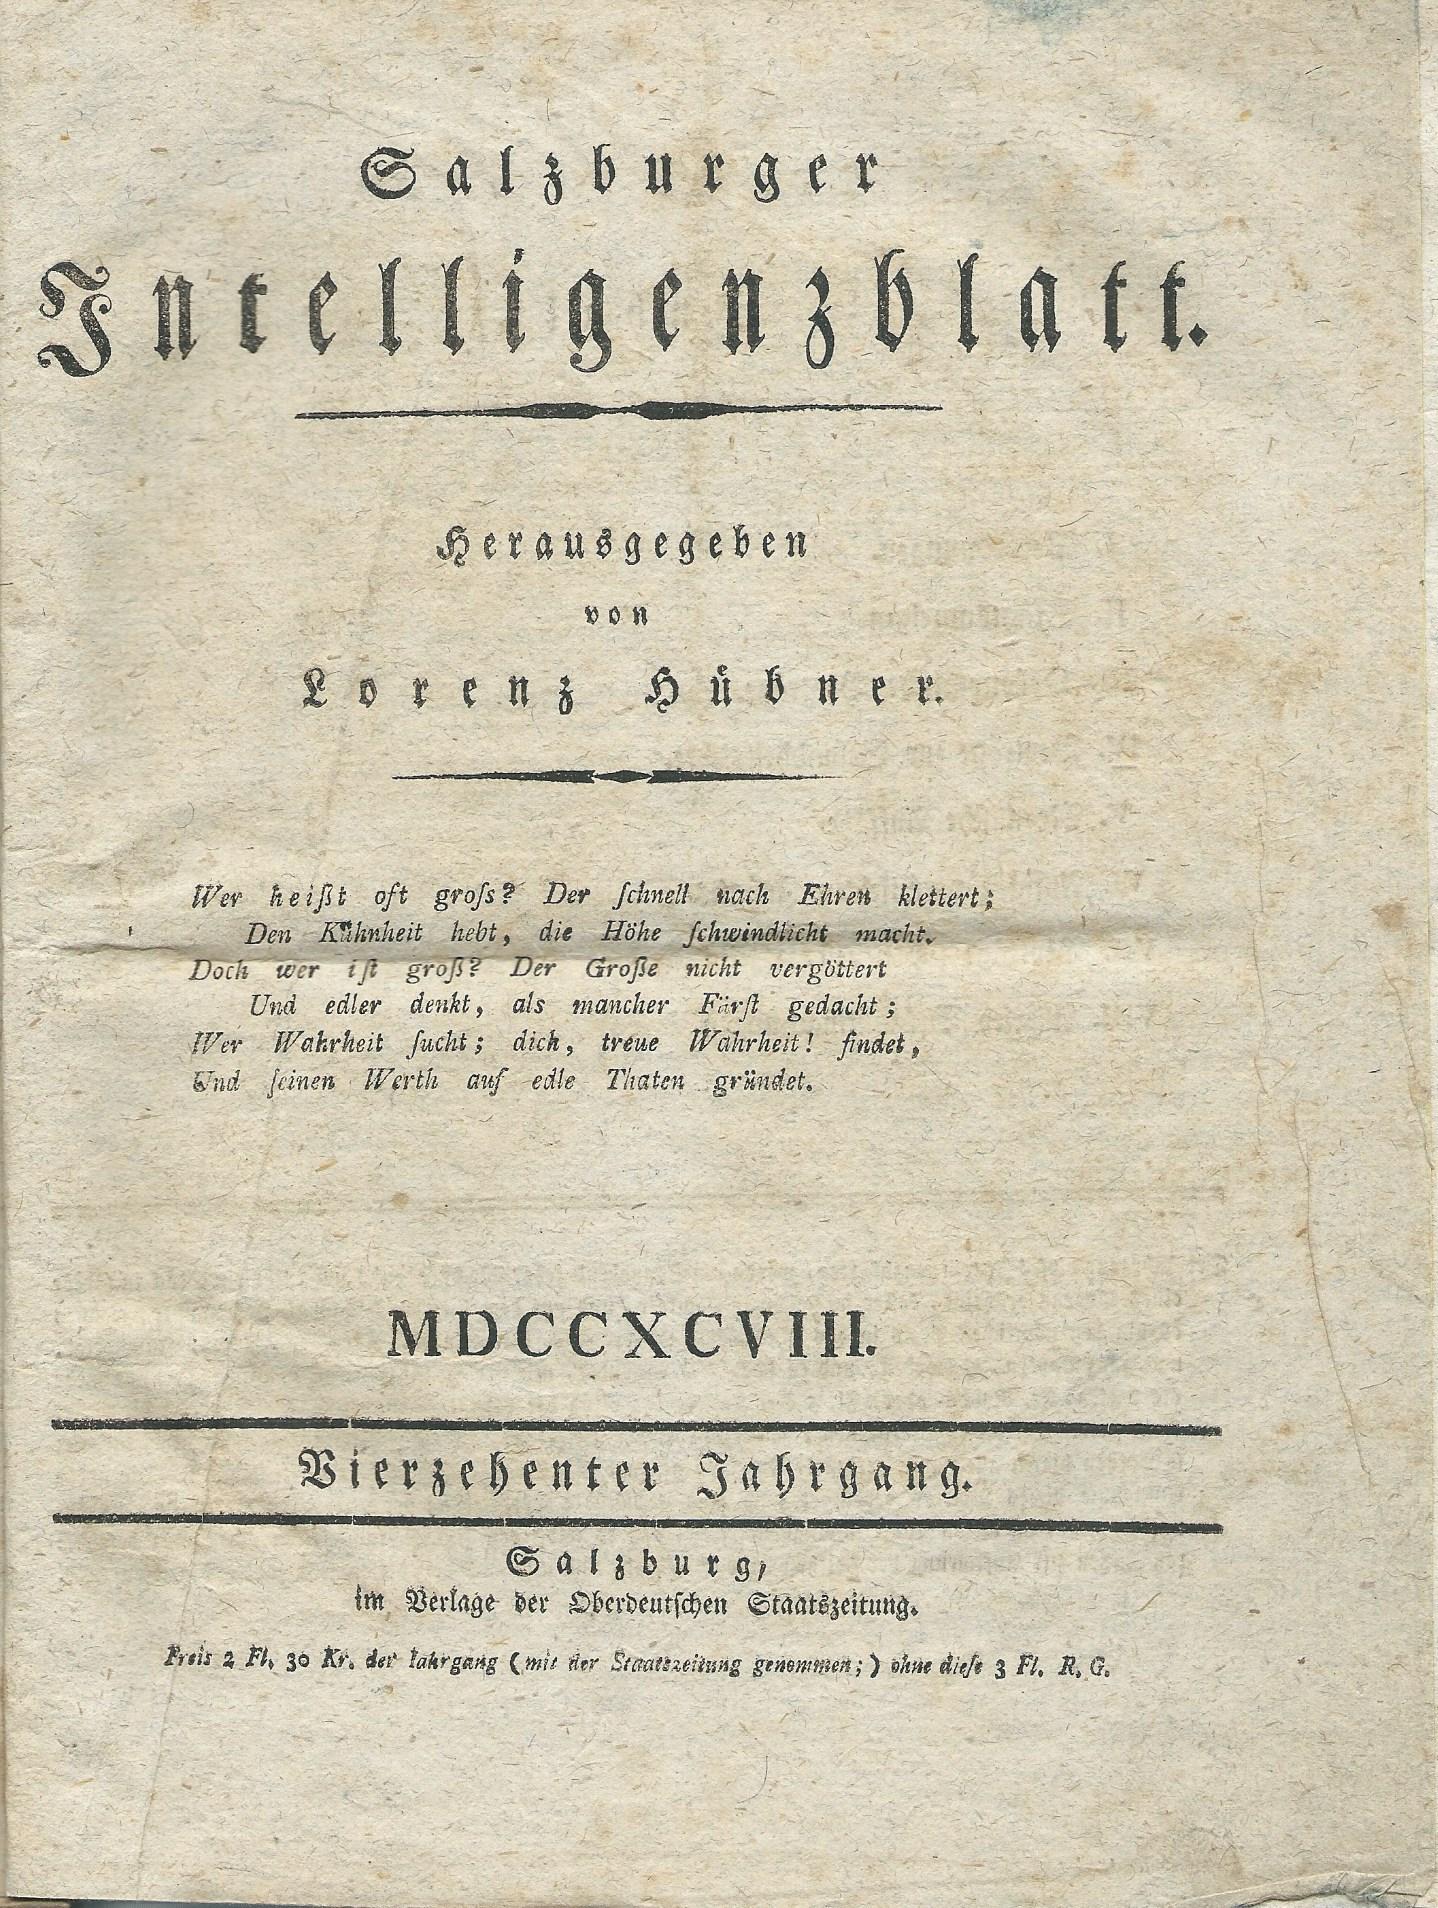 Salzburger Intelligenzblatt, Salzburg 1798